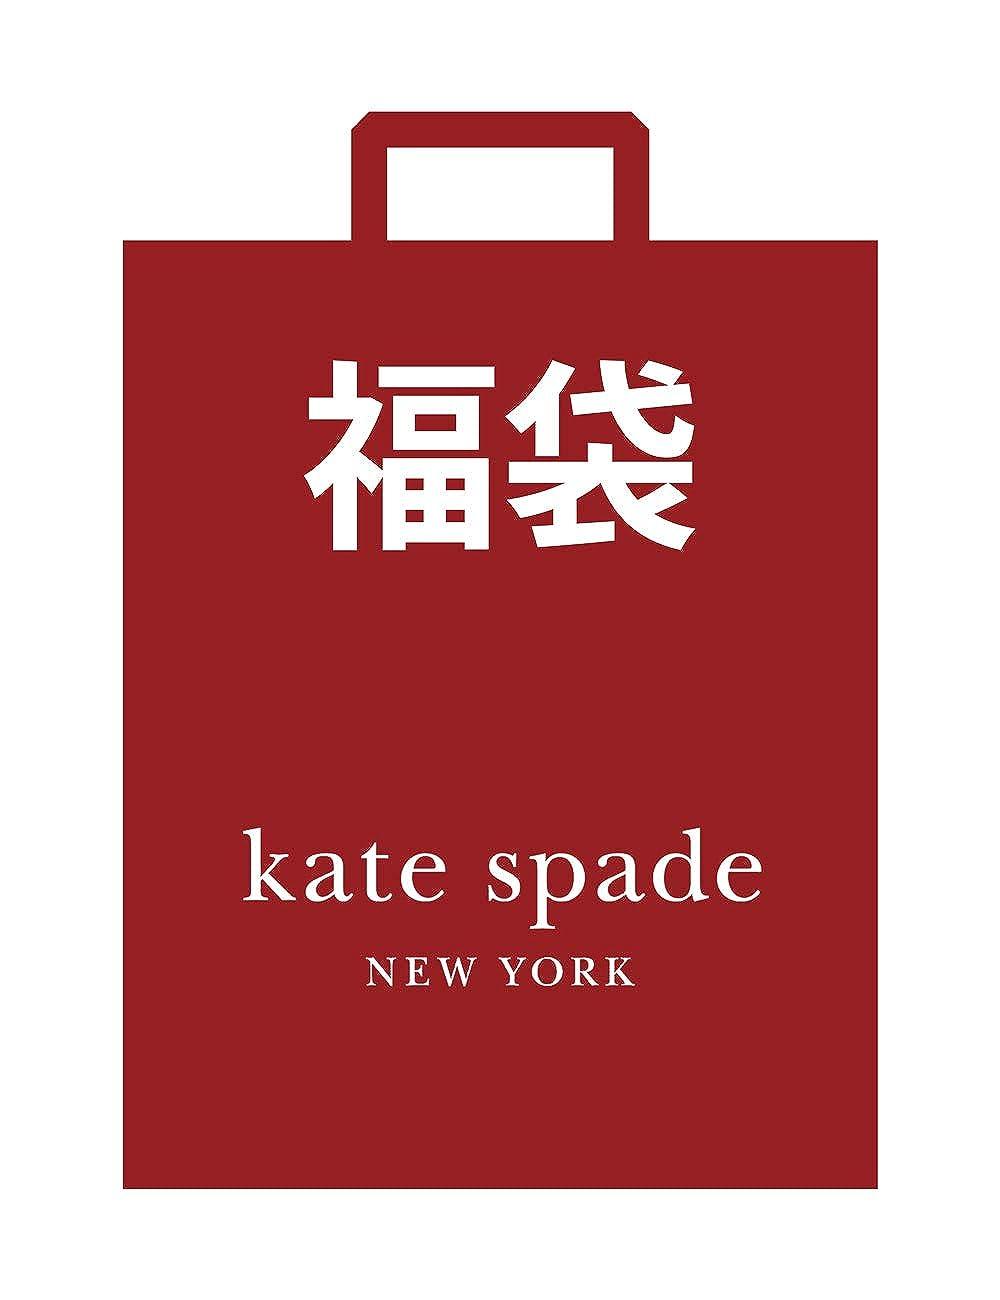 [ケイトスペード] kate spade 福袋 レディース バッグ 財布 2点セット アウトレット [並行輸入品] B07K7965YW  選べるバッグ【A】